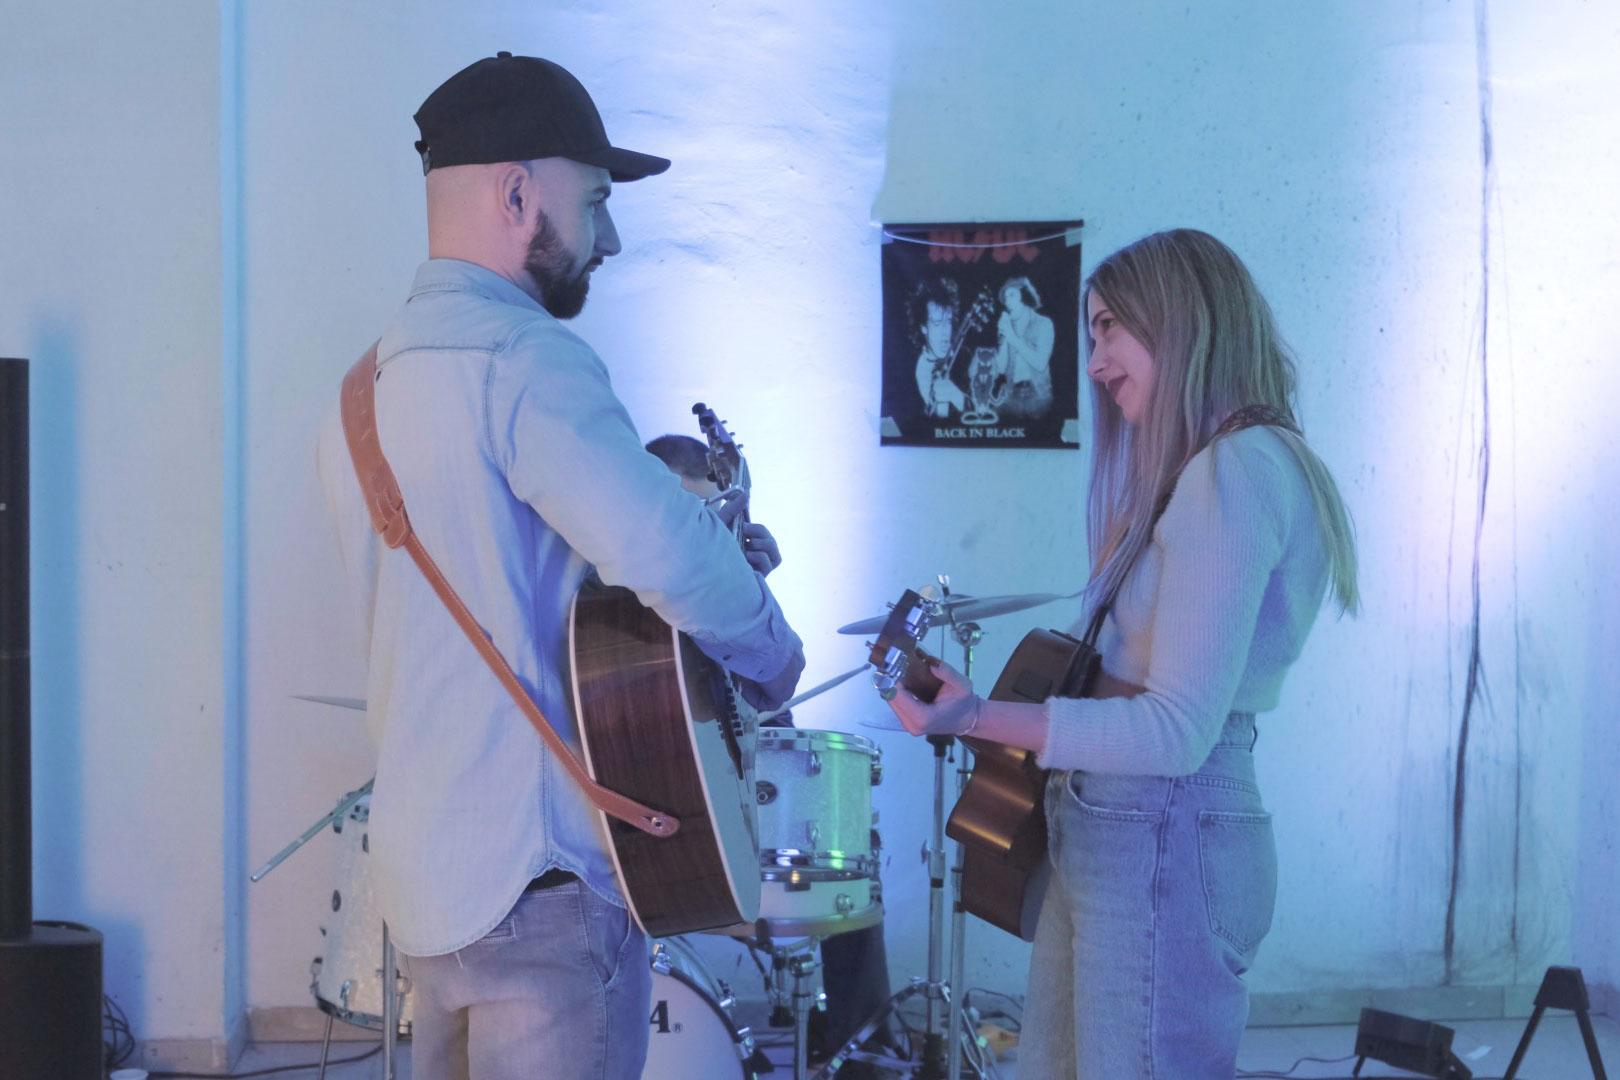 ragazzo e ragazza suonano la chitarra